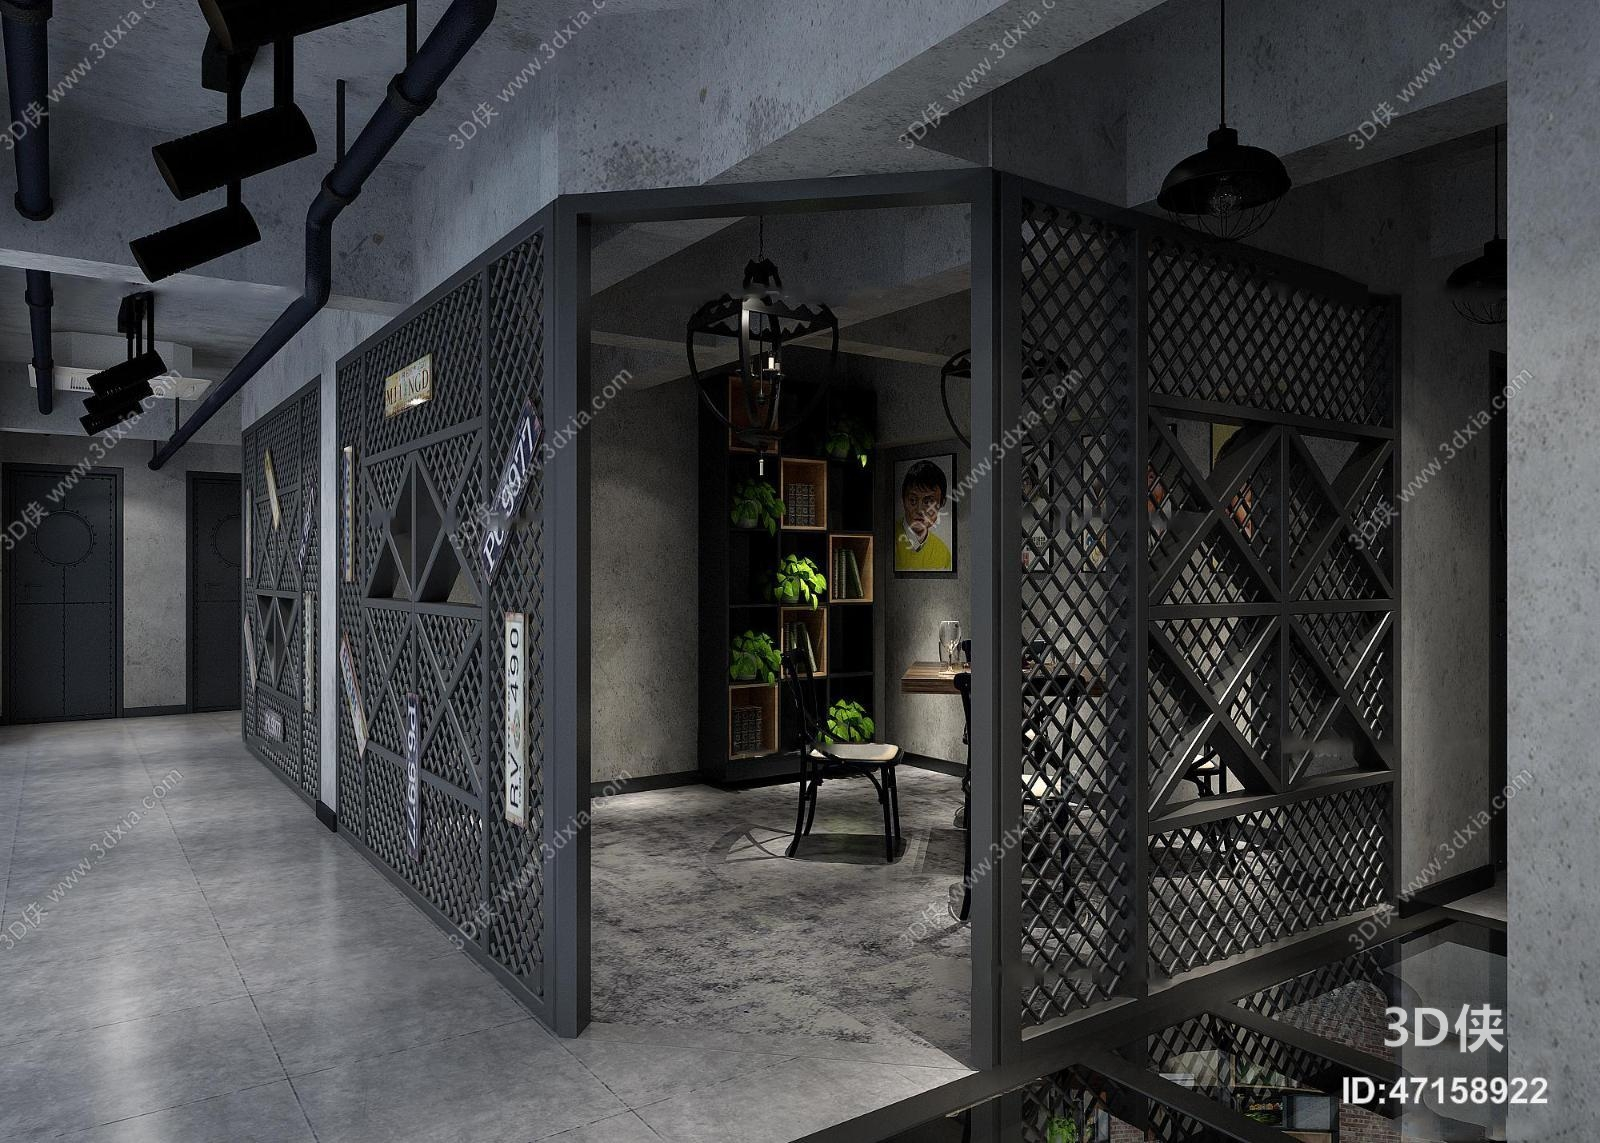 酒店大堂效果图素材免费下载,本作品主题是工业风餐馆包间3d模型,编号